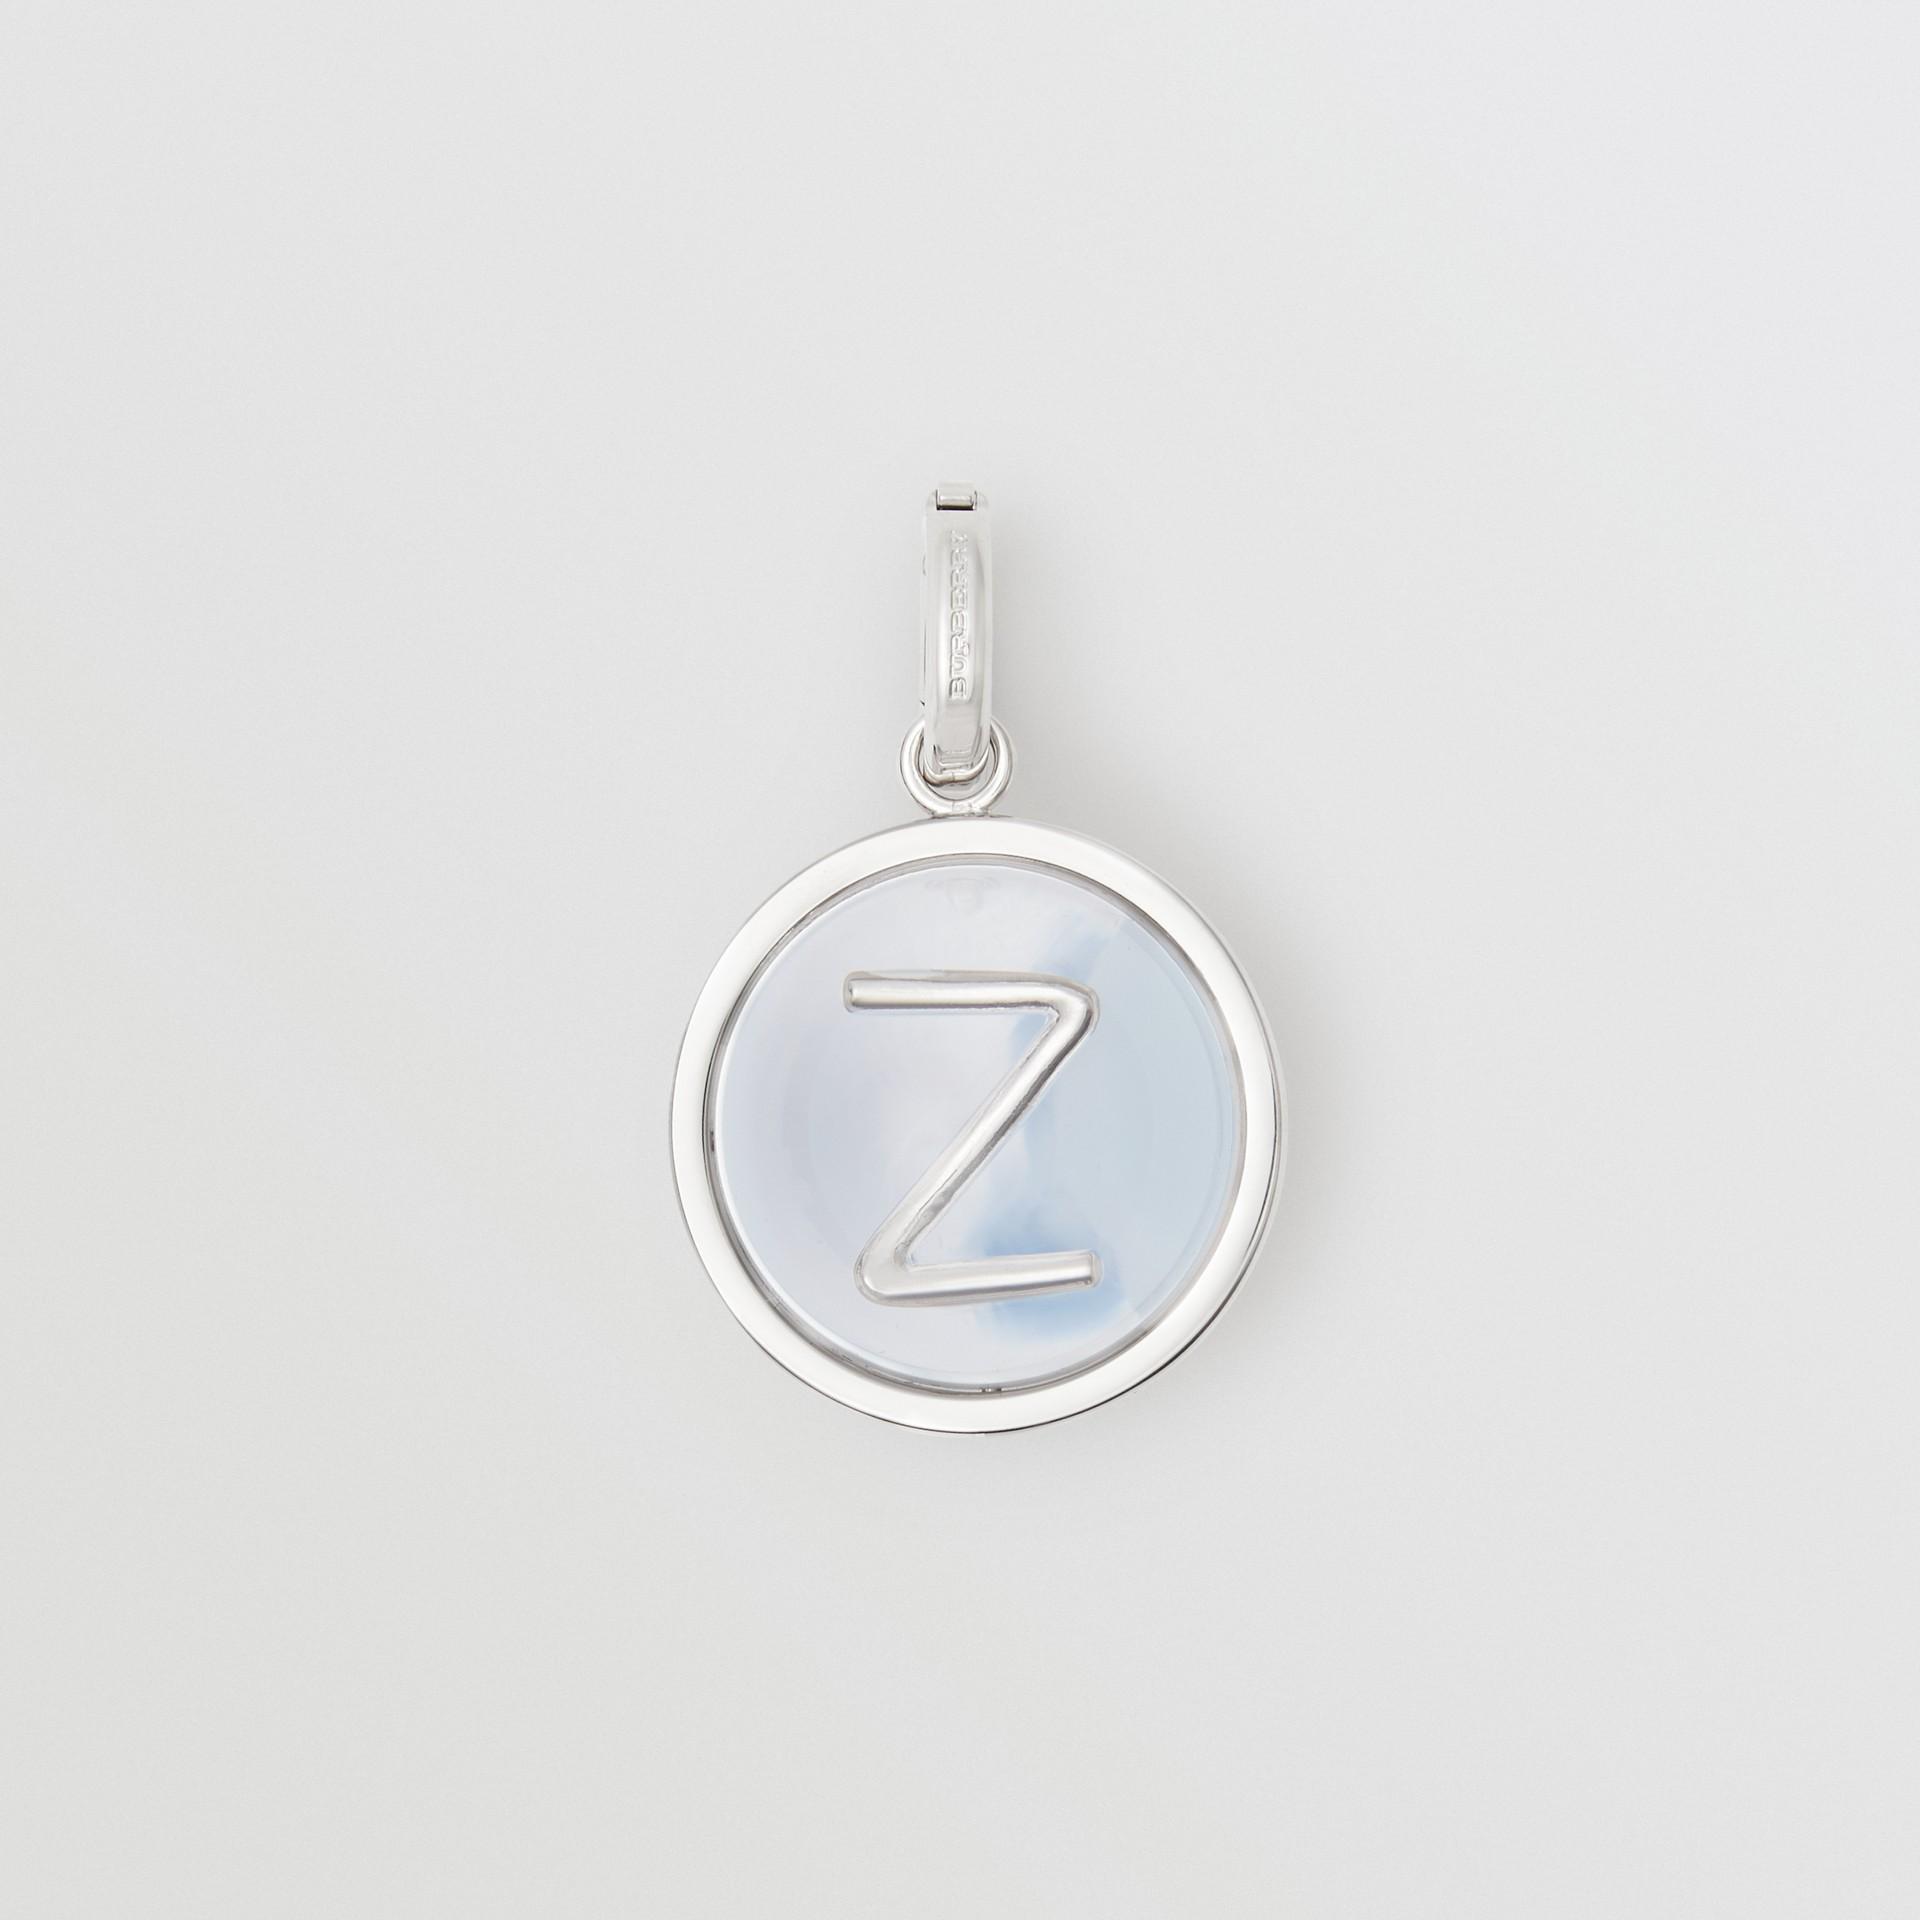 大理石效果樹脂字母「Z」吊飾 (帕拉迪歐色/珍珠母色) - 女款 | Burberry - 圖庫照片 0